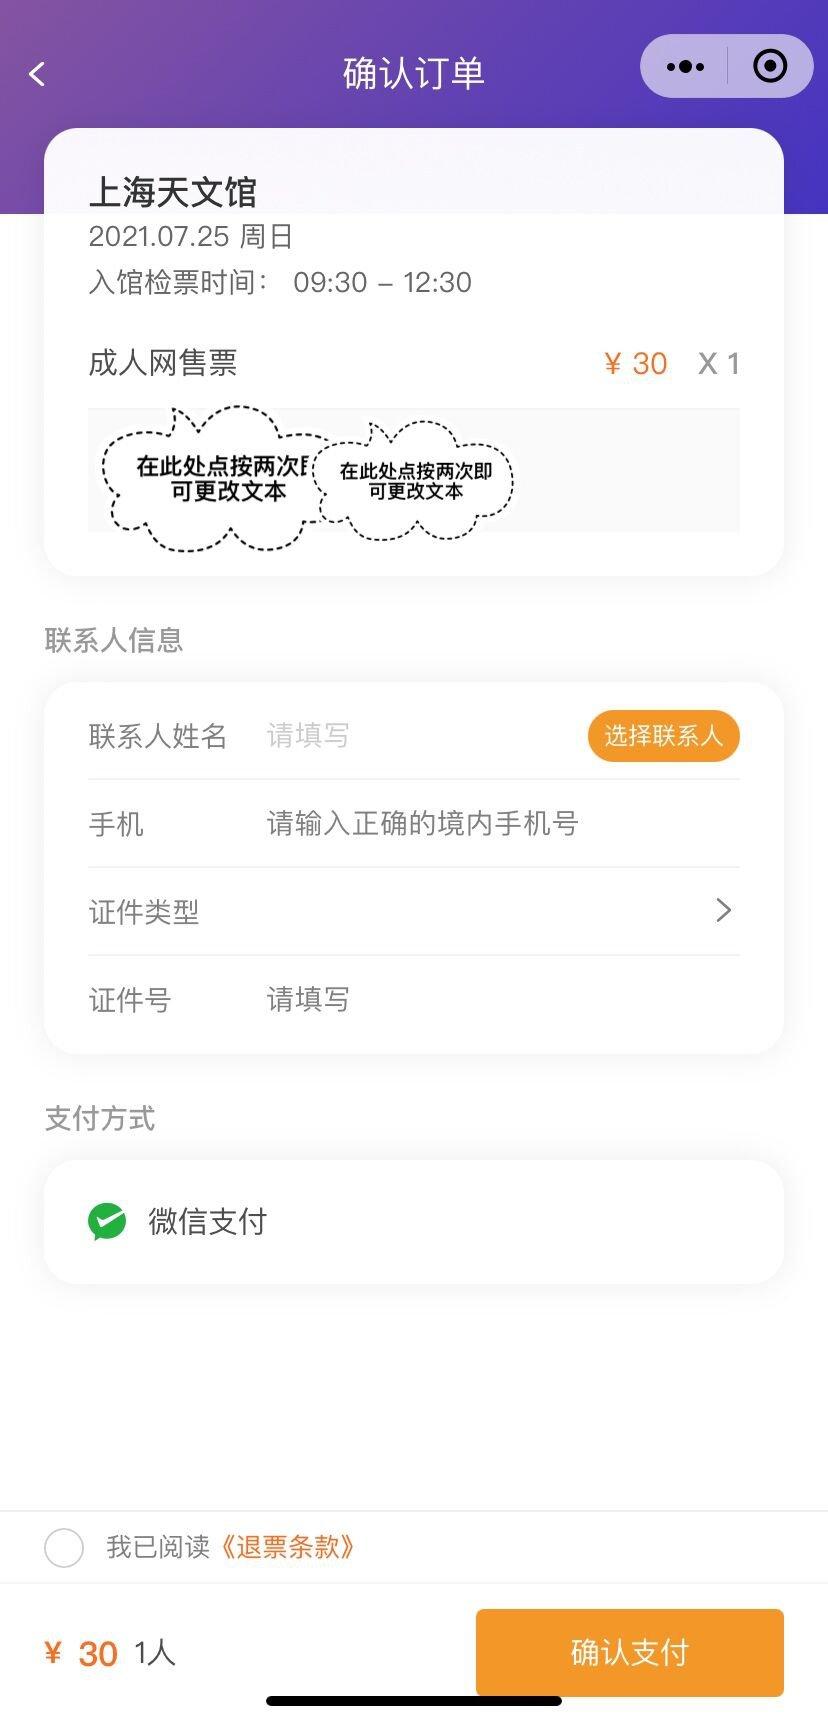 上海天文館門票預約入口+預約操作流程